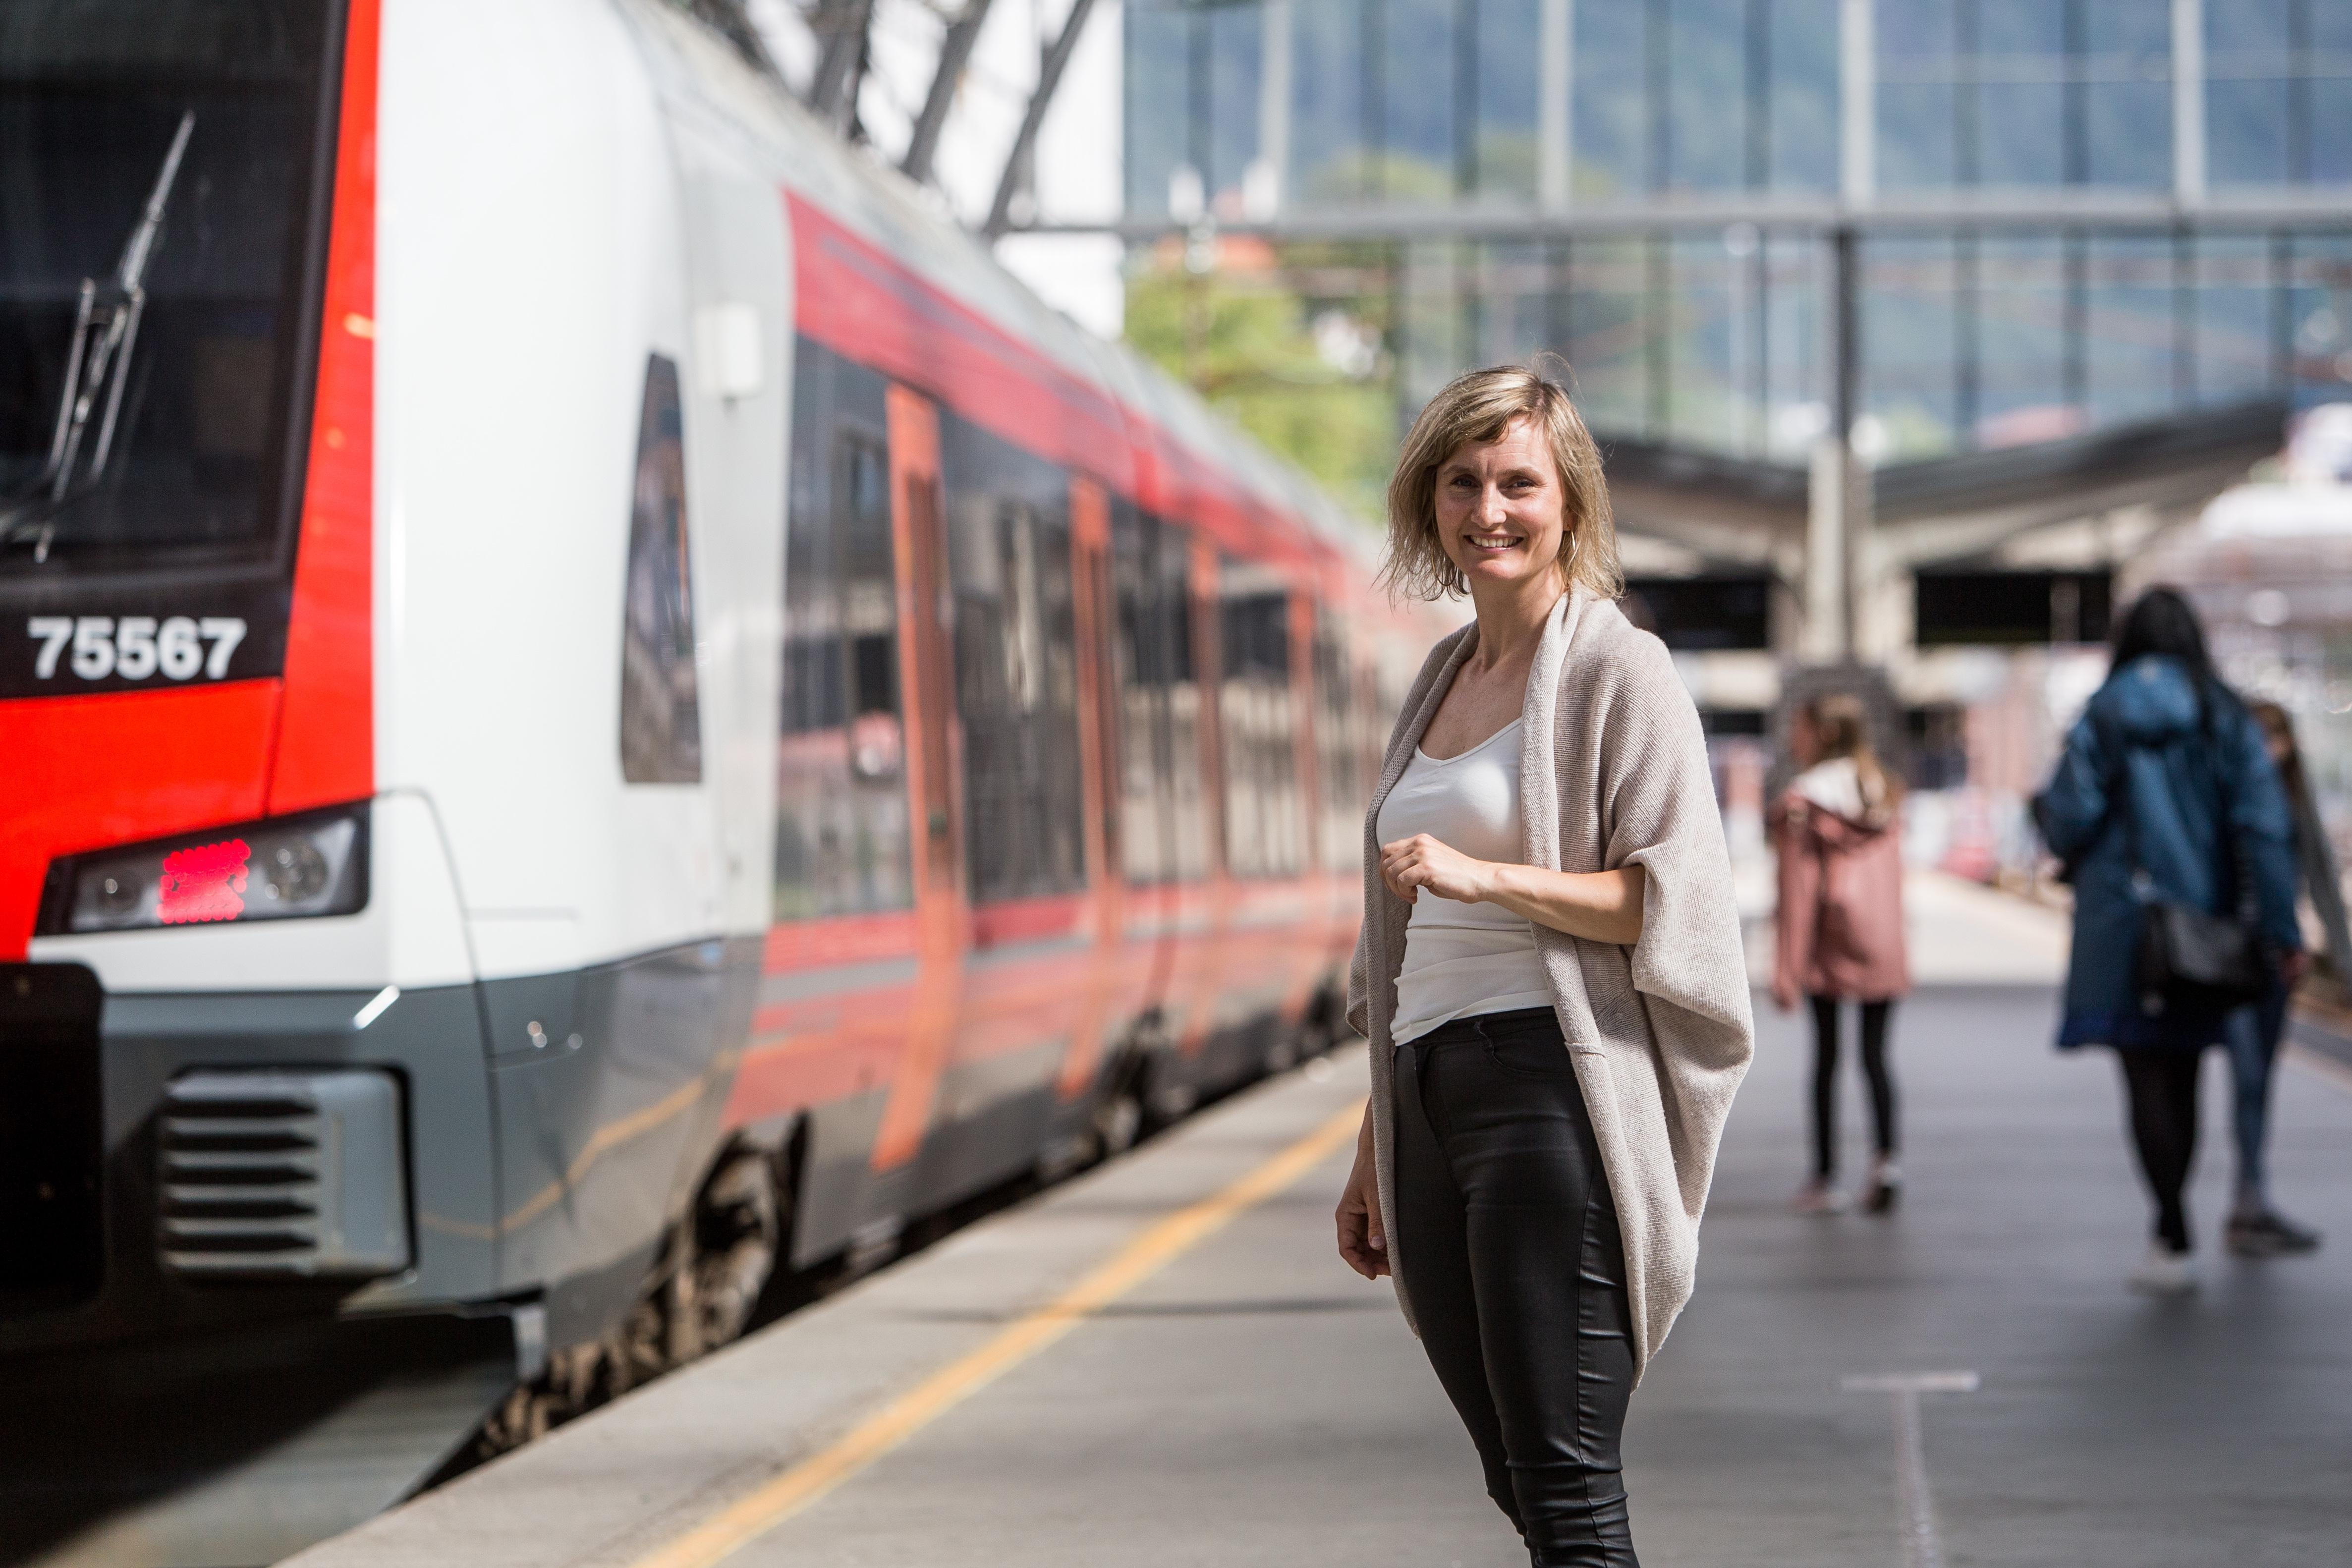 Jernbanen må vere underlagt nasjonal folkevalgt kontroll